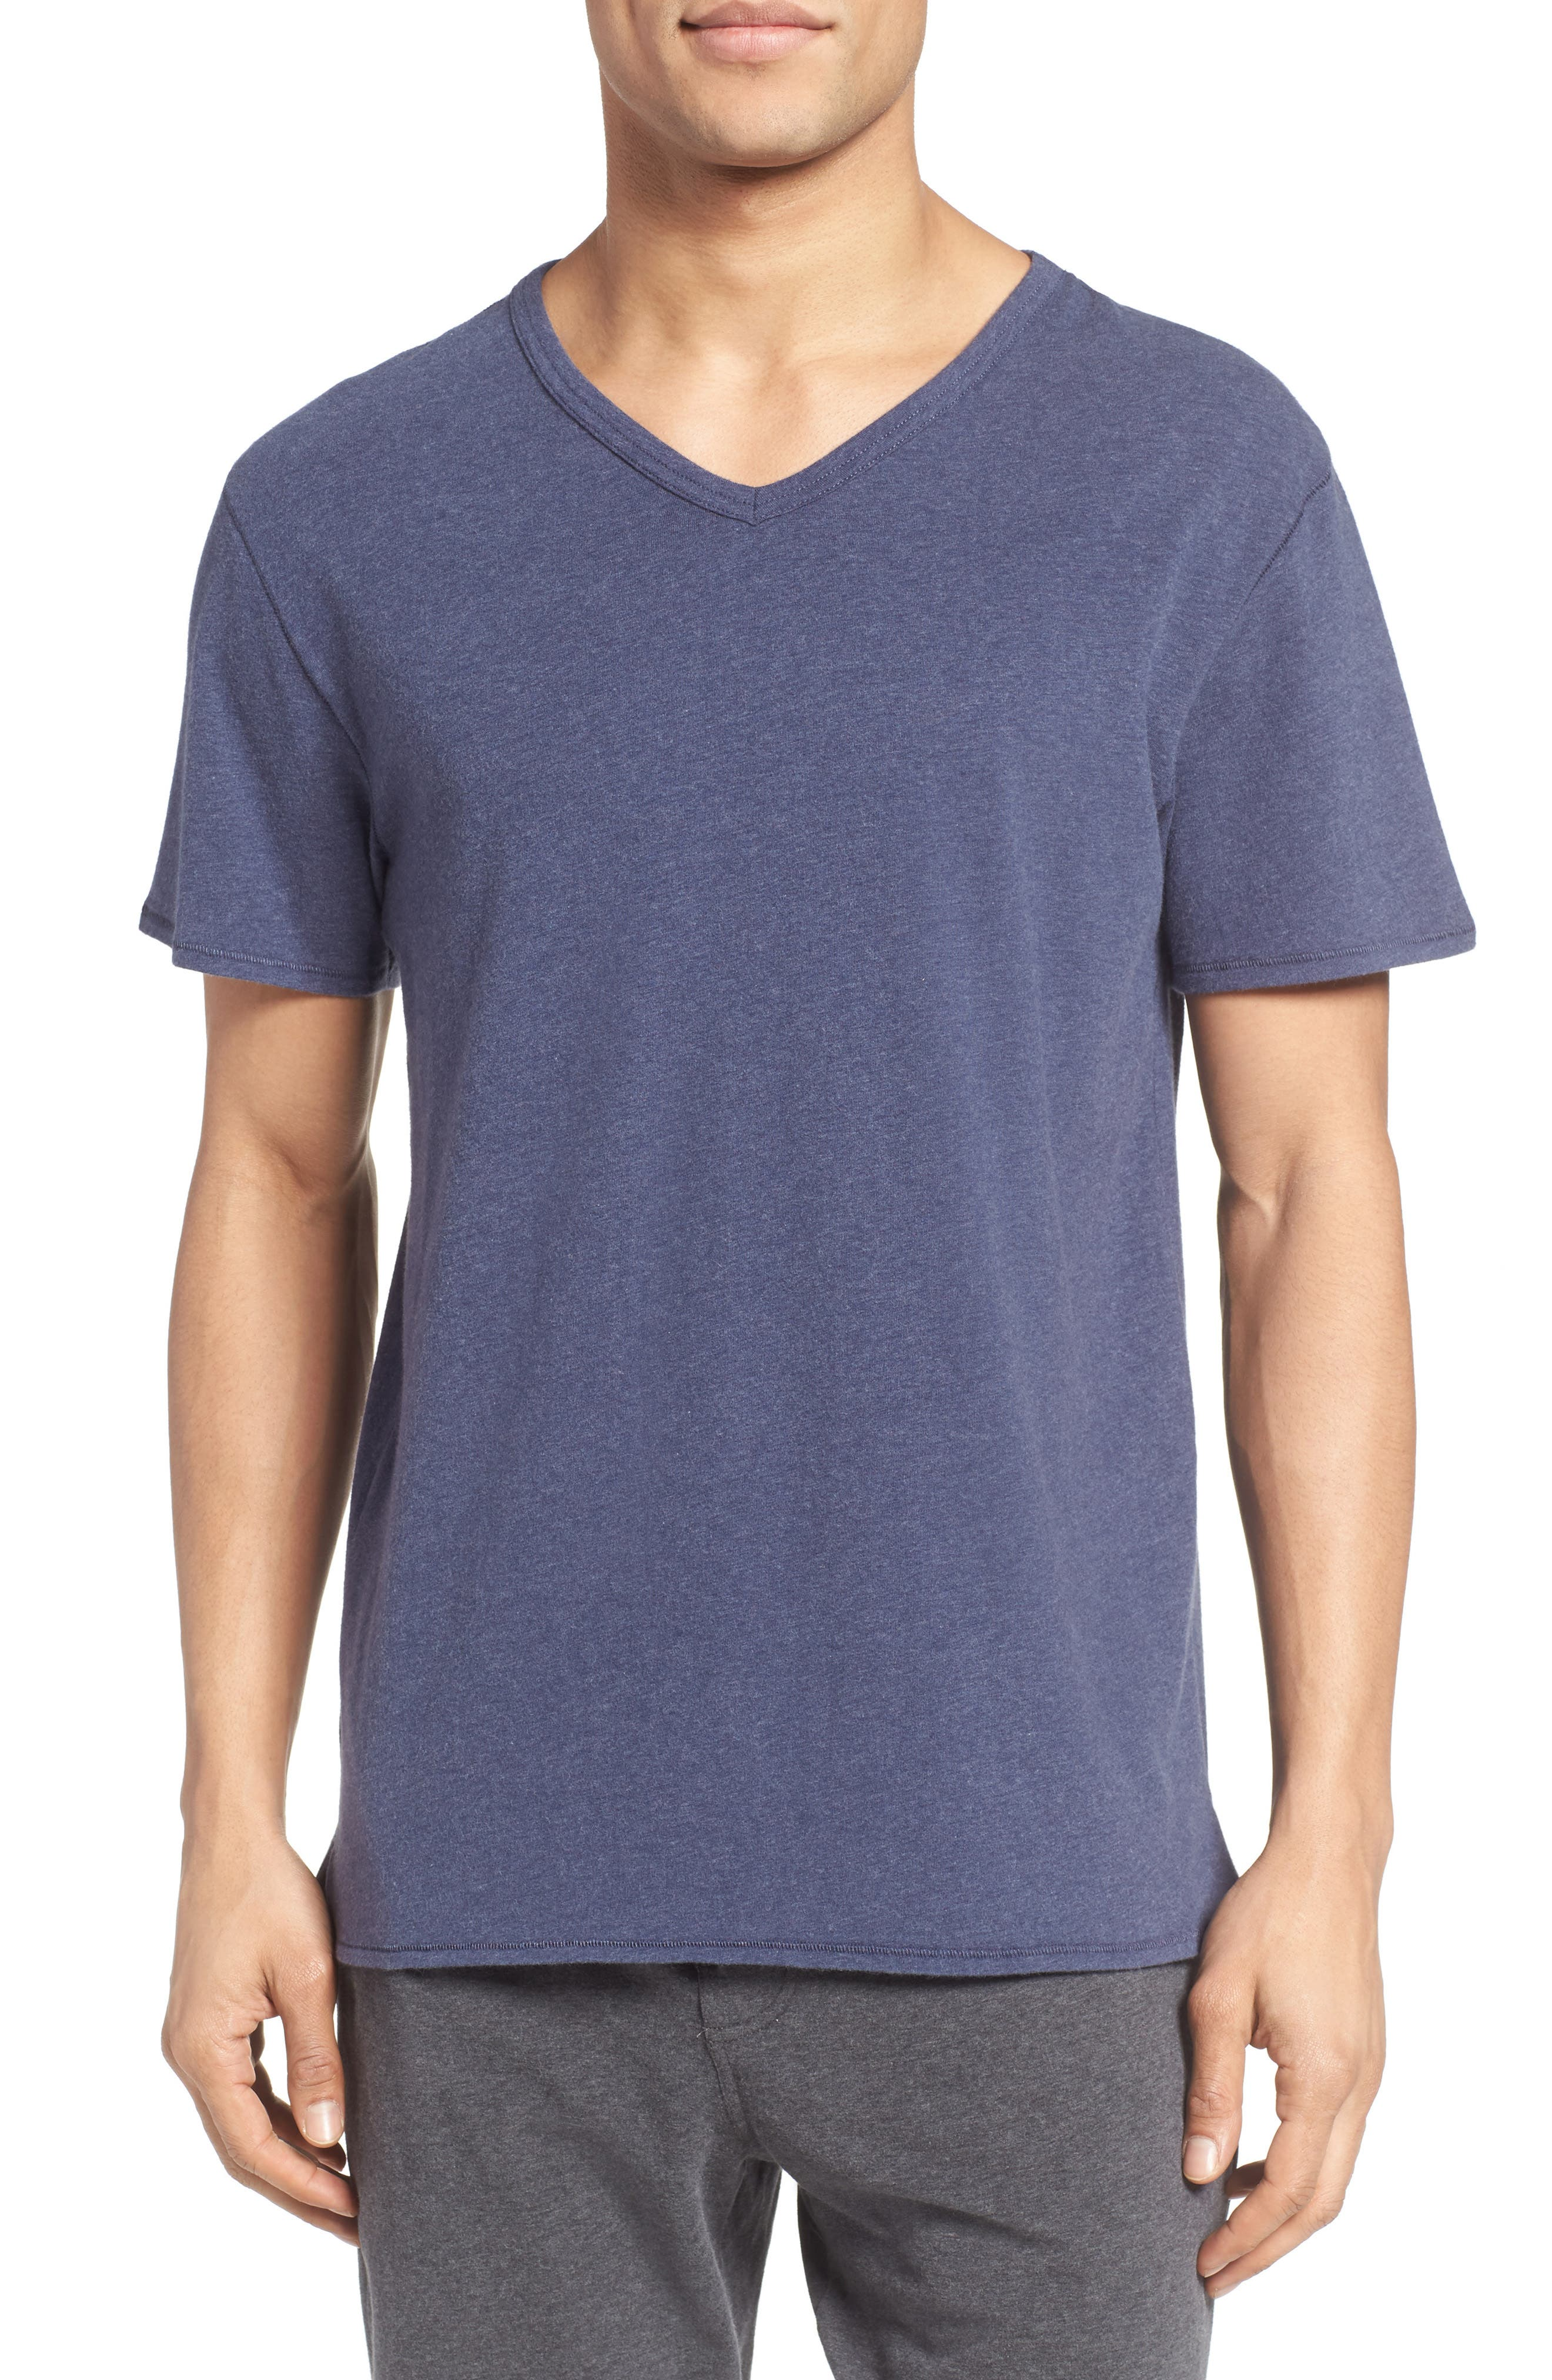 Nordstrom Men's Shop Stretch Cotton V-Neck T-Shirt